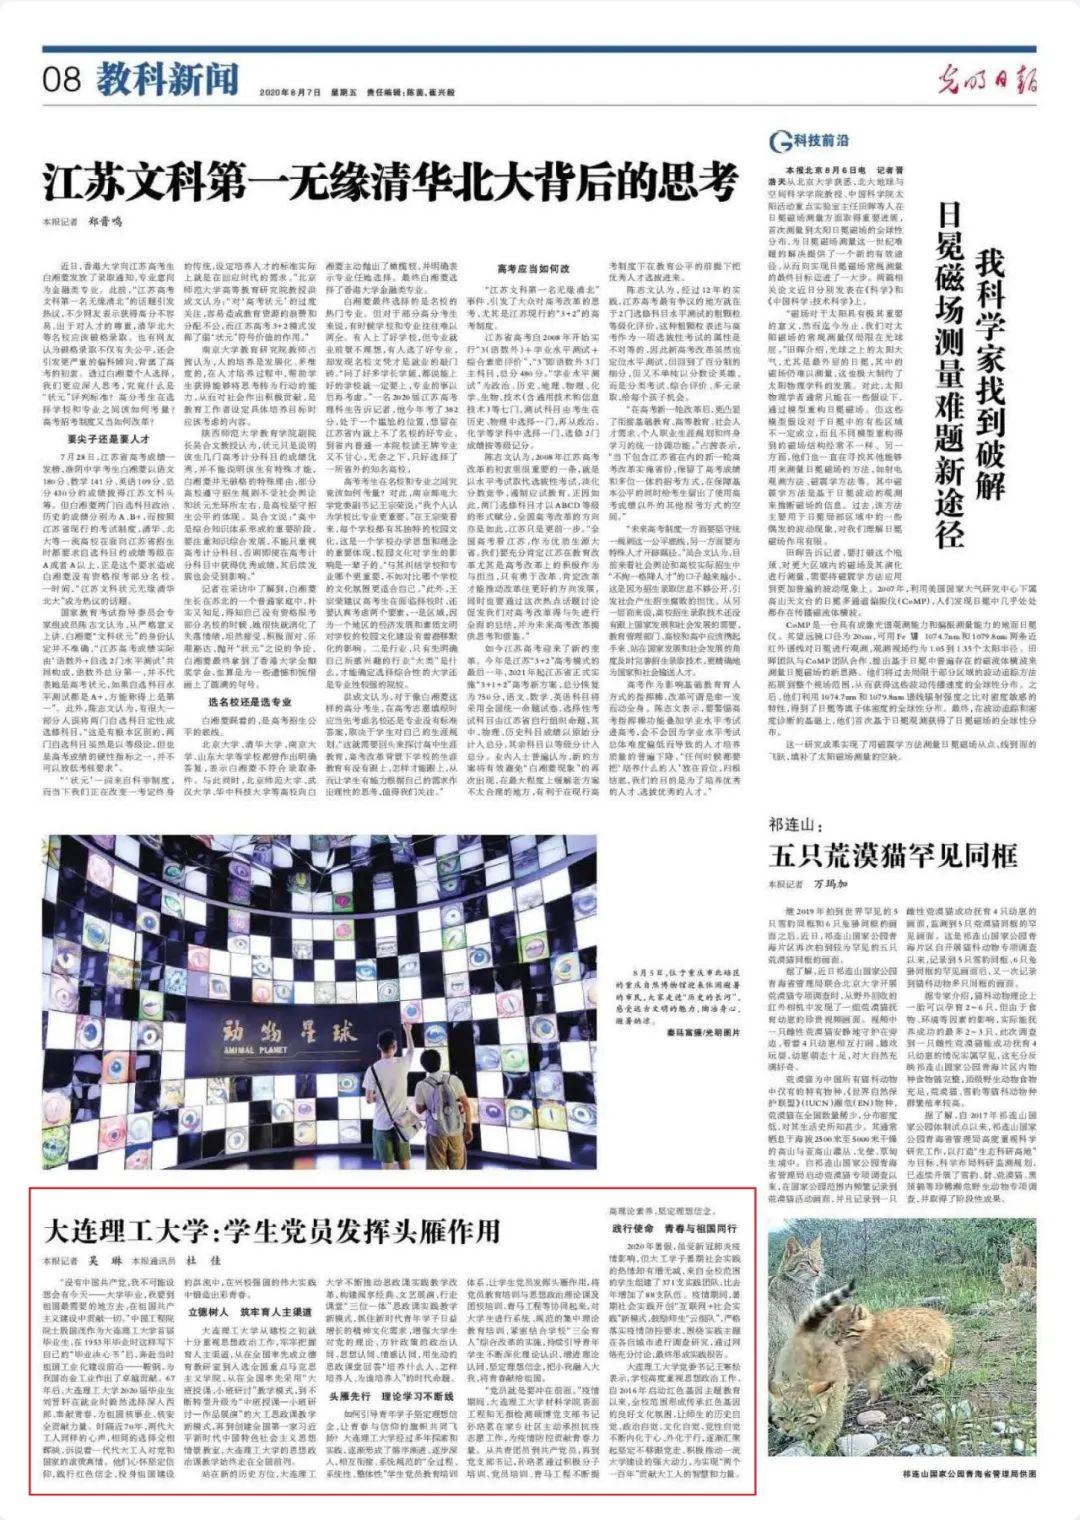 9天三上光明日报!今日头版!蹇锡高:做中国自己的高性能材料